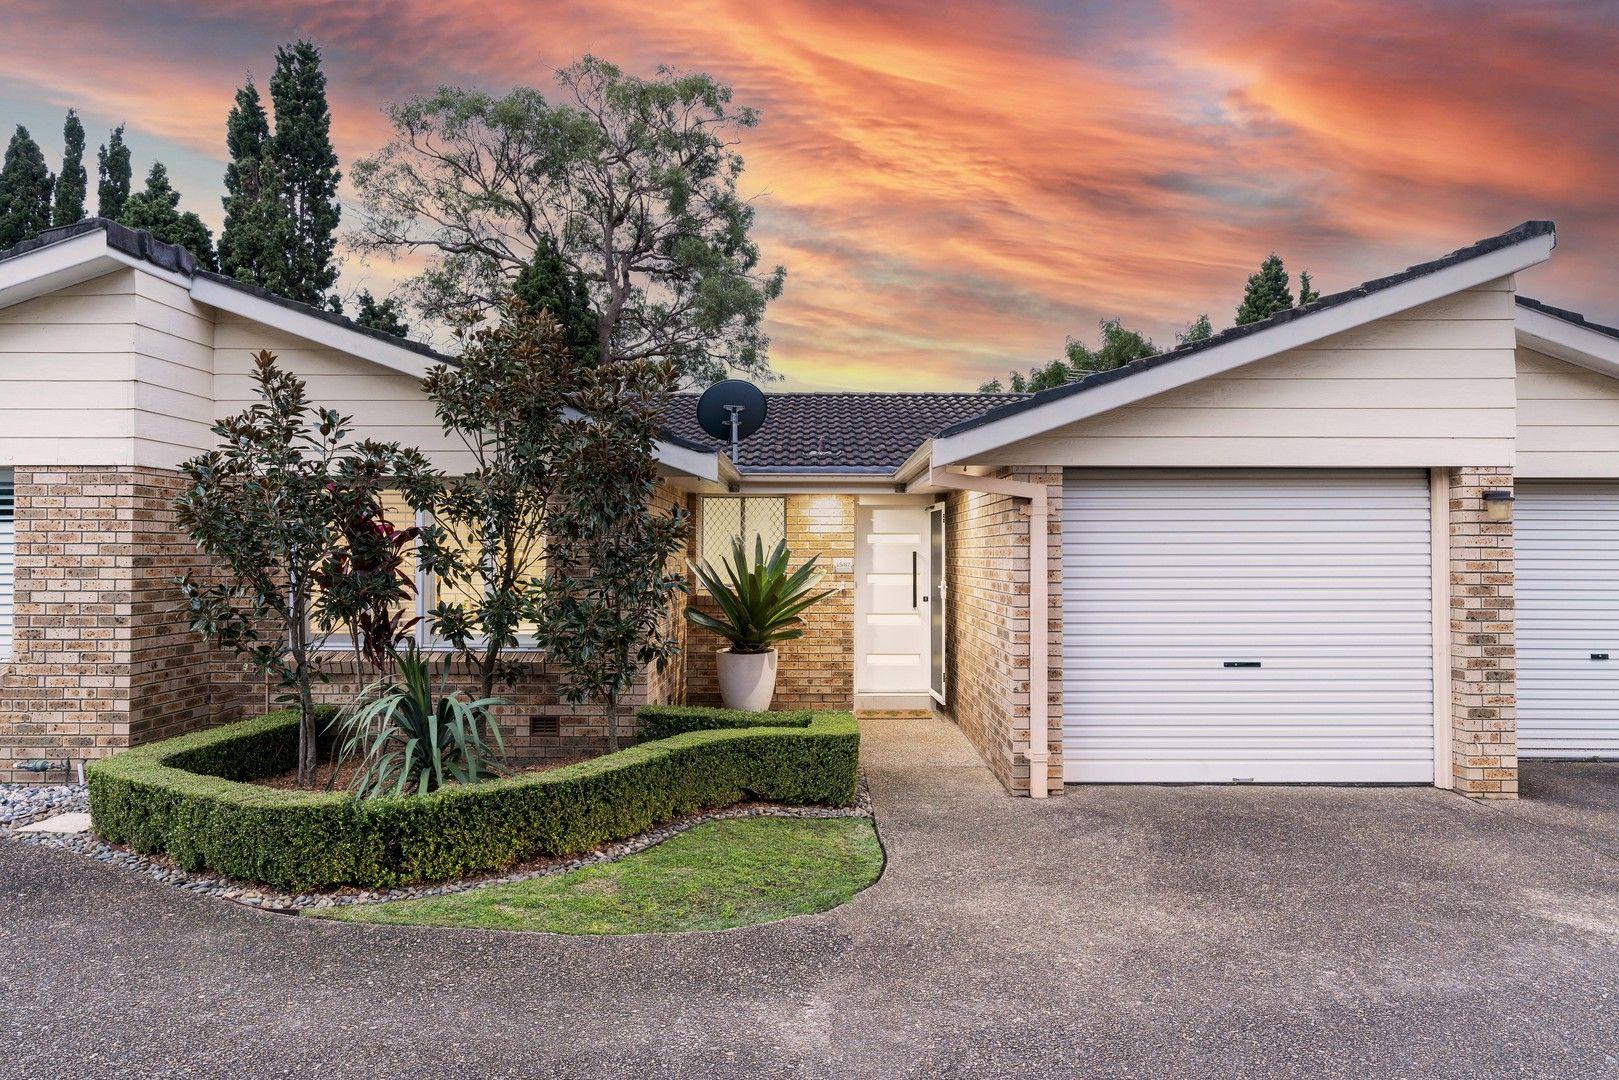 15/87-93 Yathong Road, Caringbah NSW 2229, Image 0